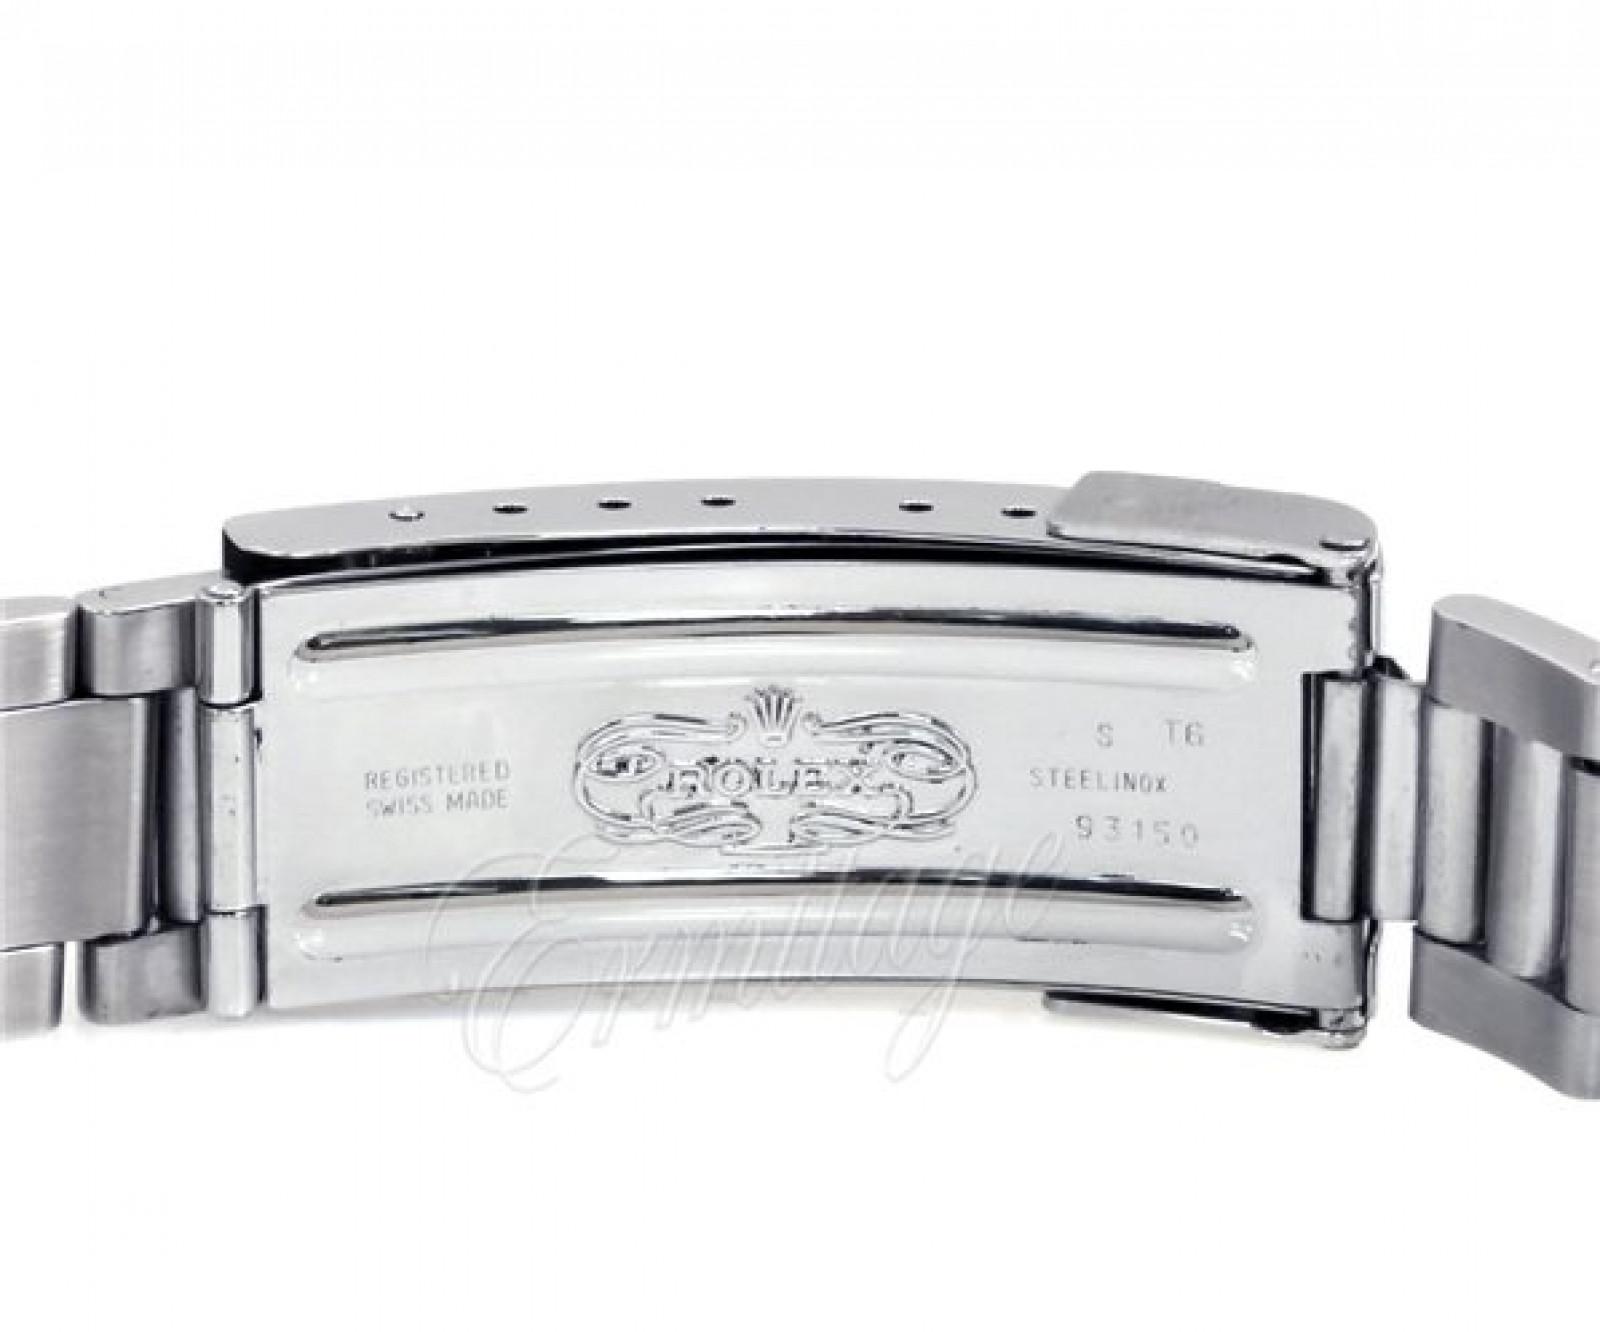 Vintage Rare Rolex Submariner 1680 Steel